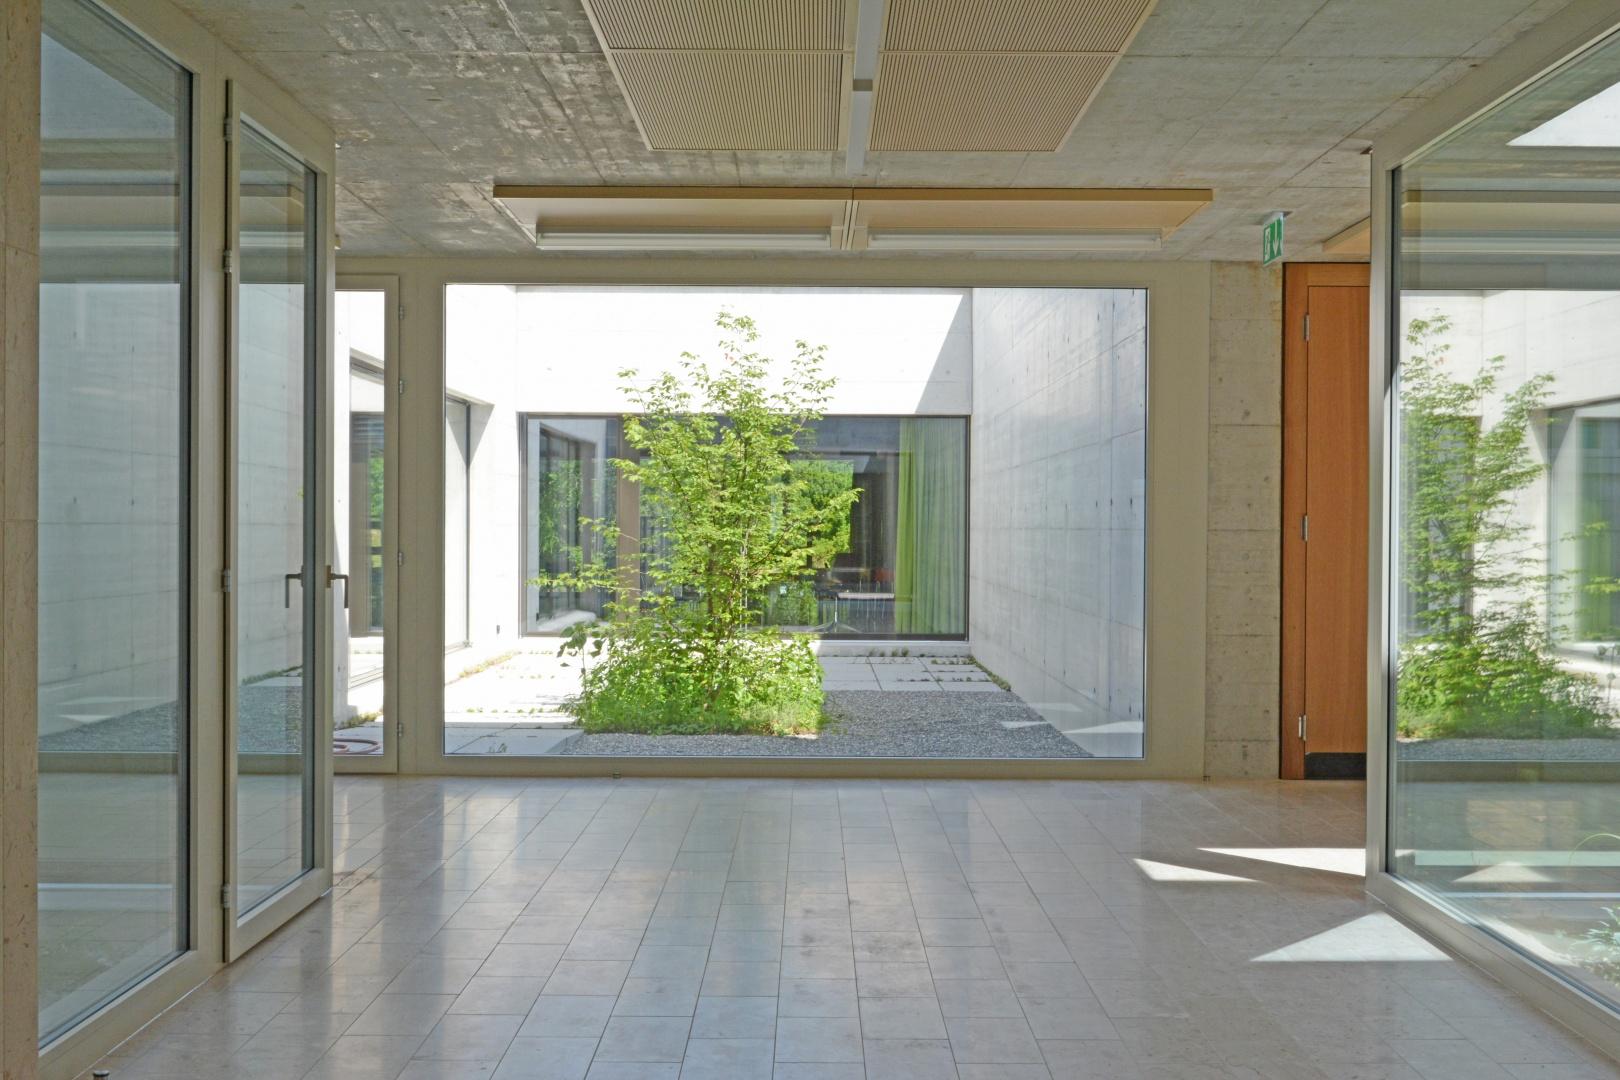 Querverbindung Altbau zu Erweiterungsneubau © Hopf & Wirth Architekten, Rychenbergstrasse 2,  8400 Winterthur